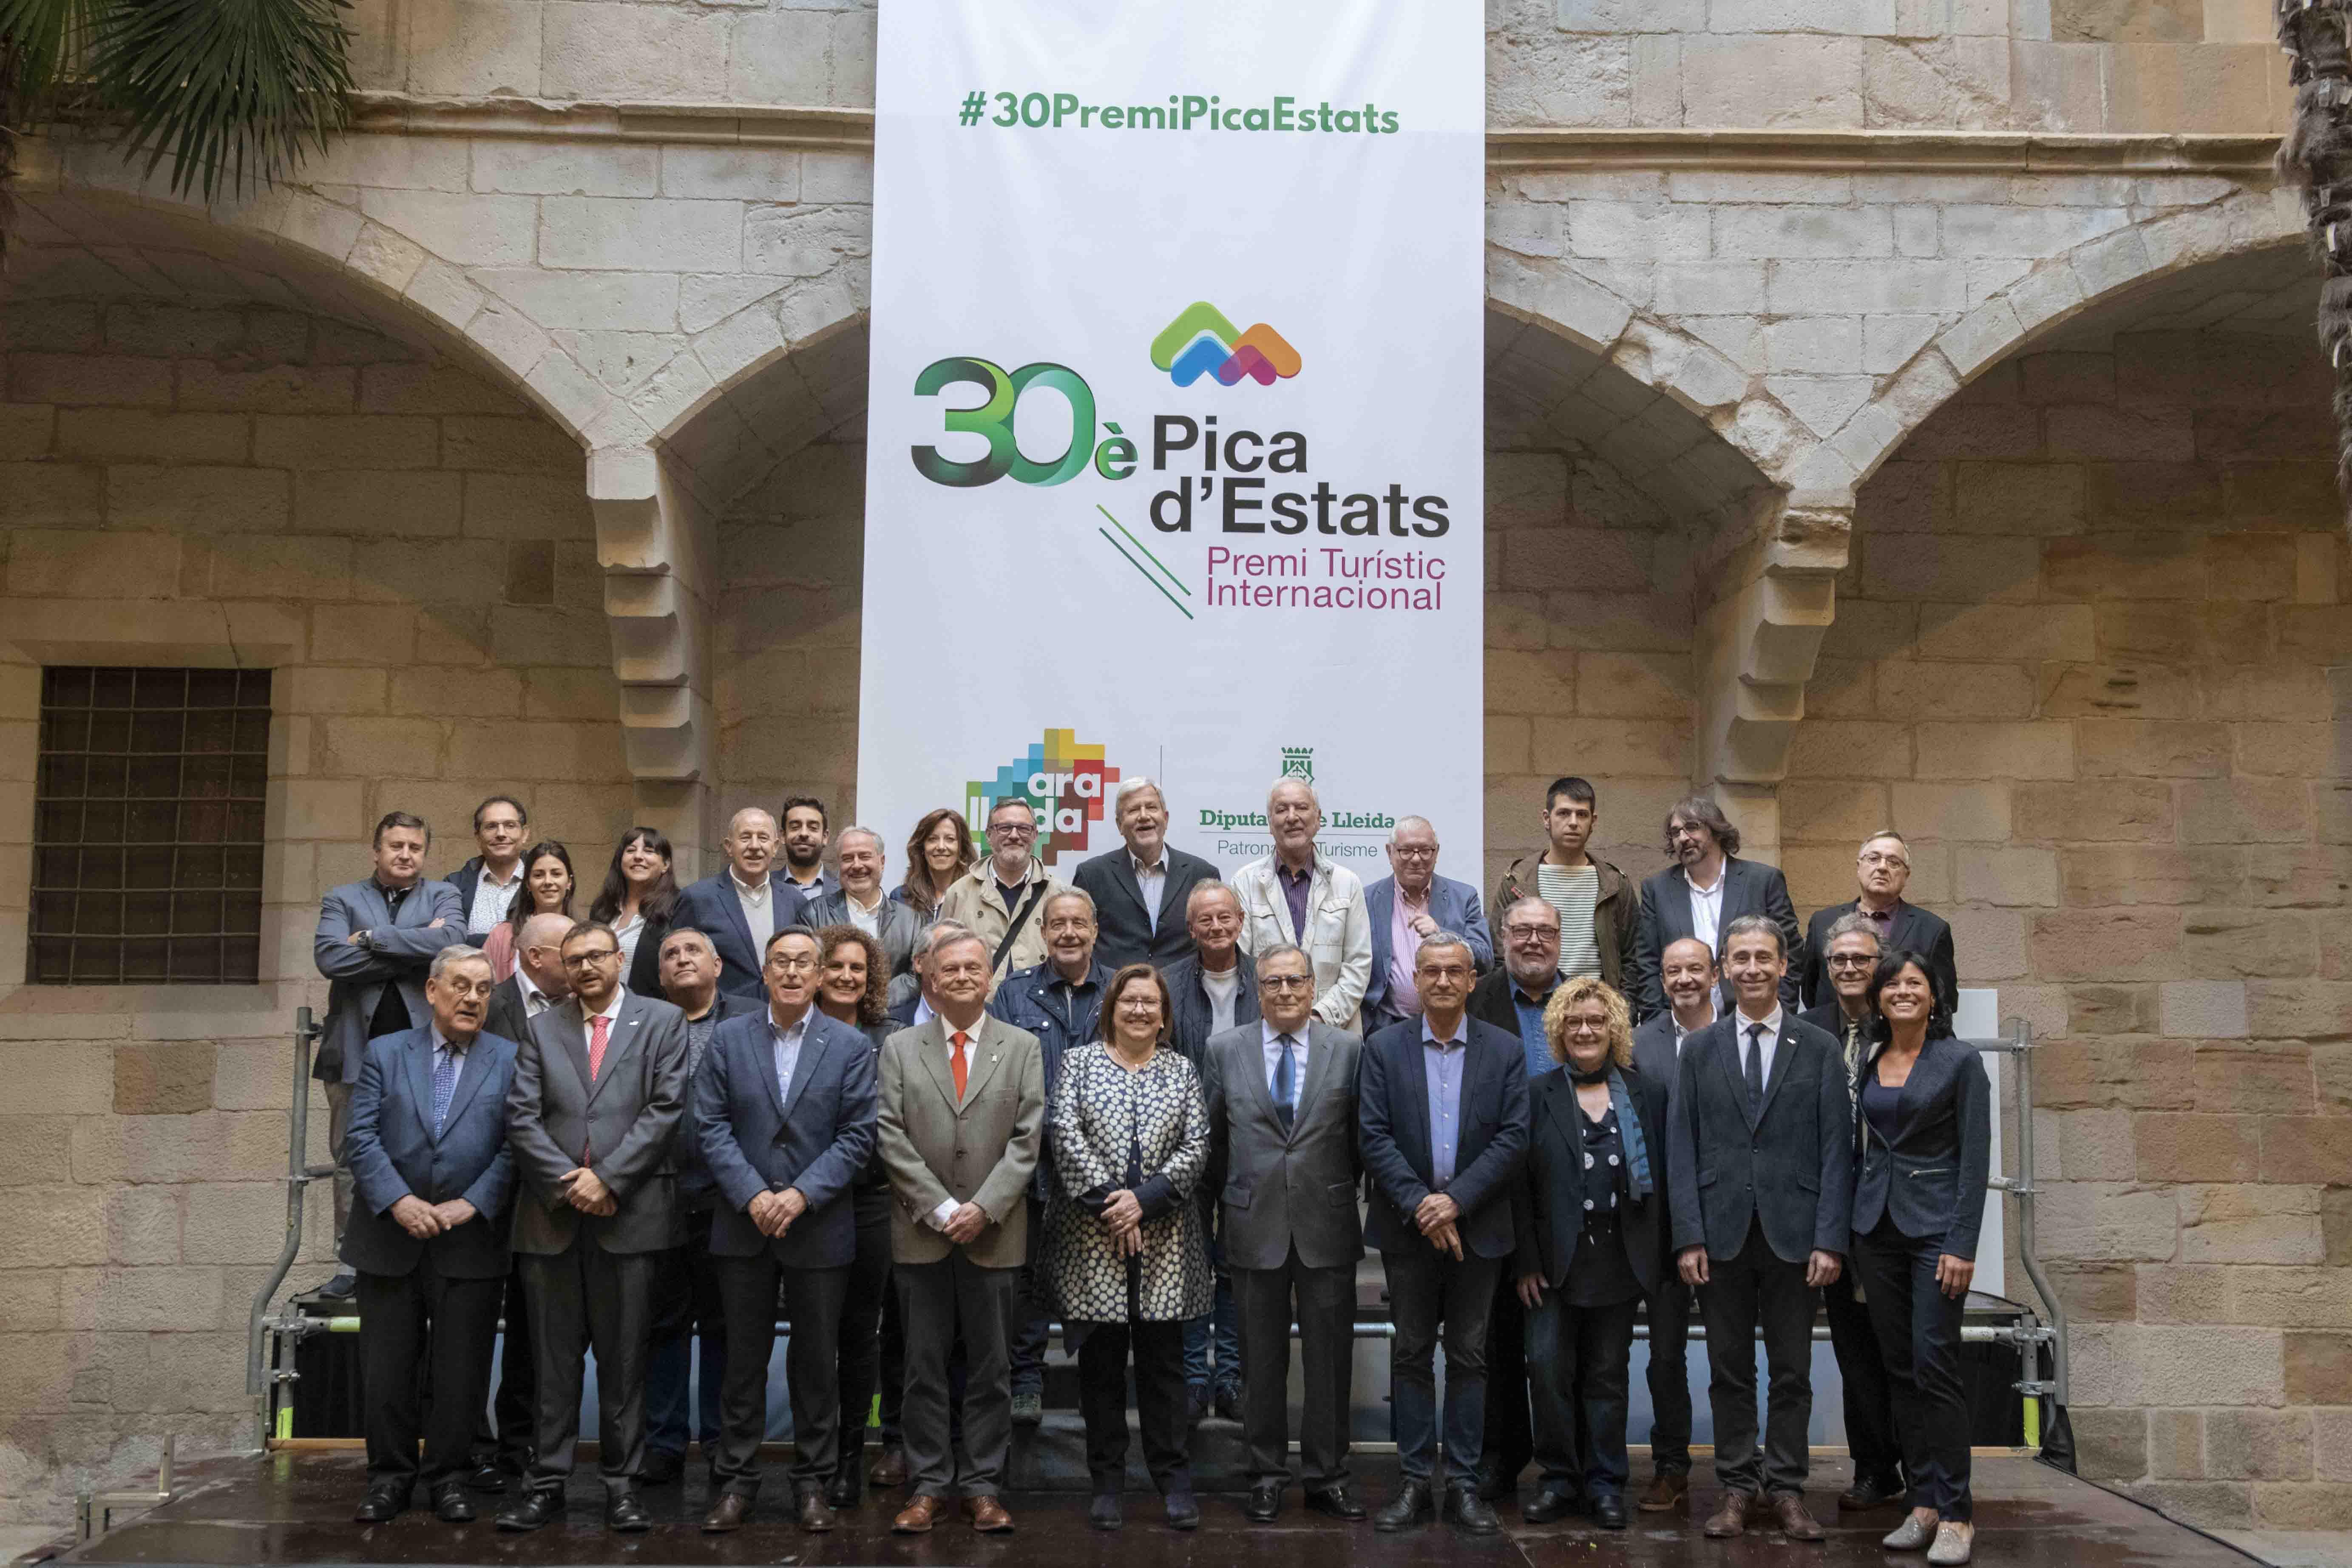 La Diputació de Lleida lliura el 30è Premi 'Pica d'Estats' i ret un homenatge a tots els membres del jurat